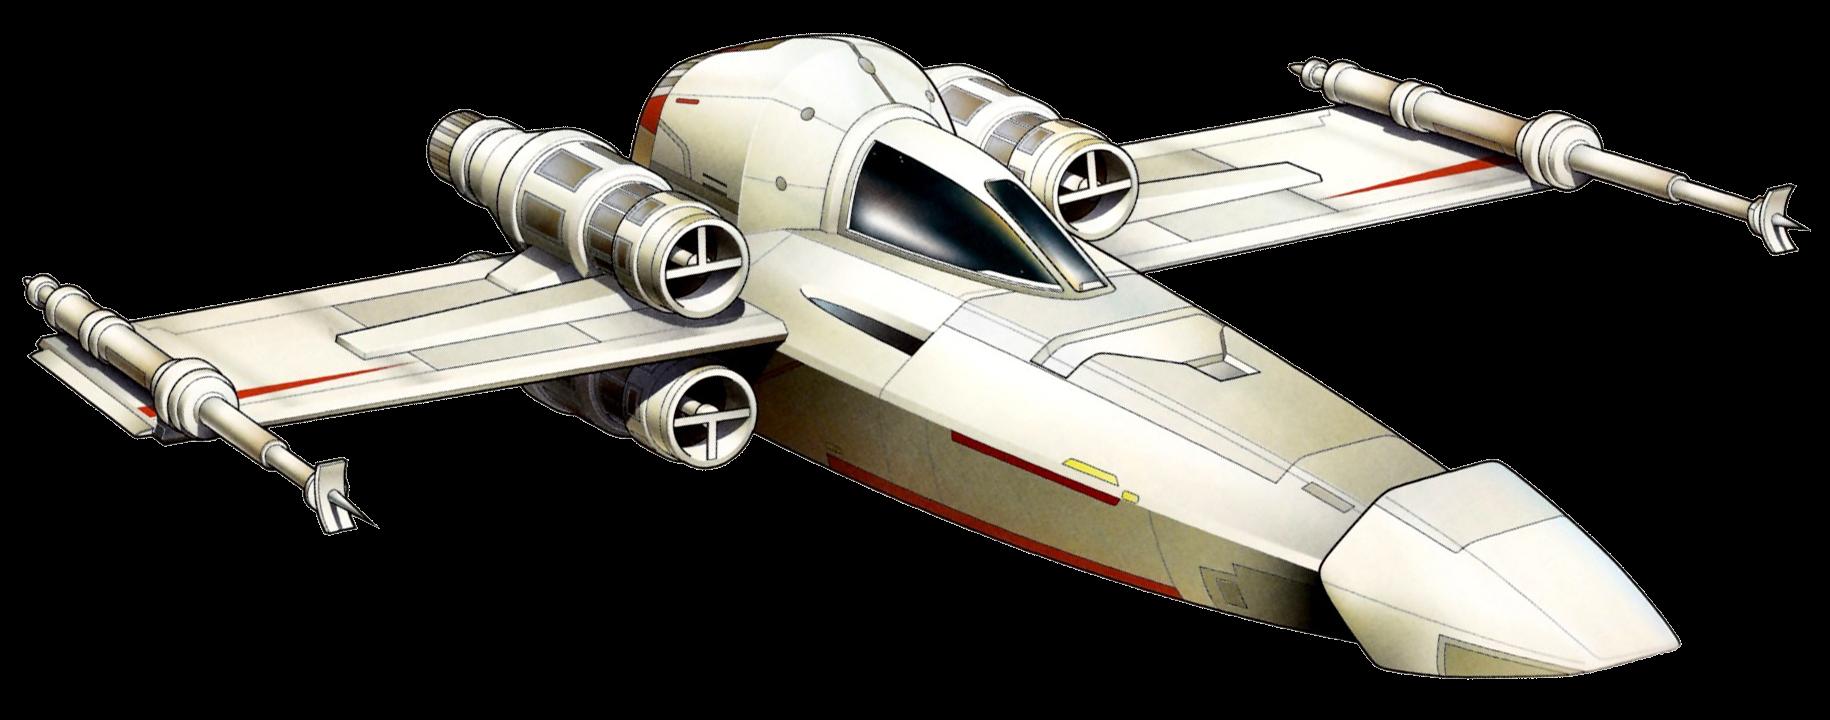 Star wars x-wing-headhunter z-95 headhunter-ffswx 16-nine French